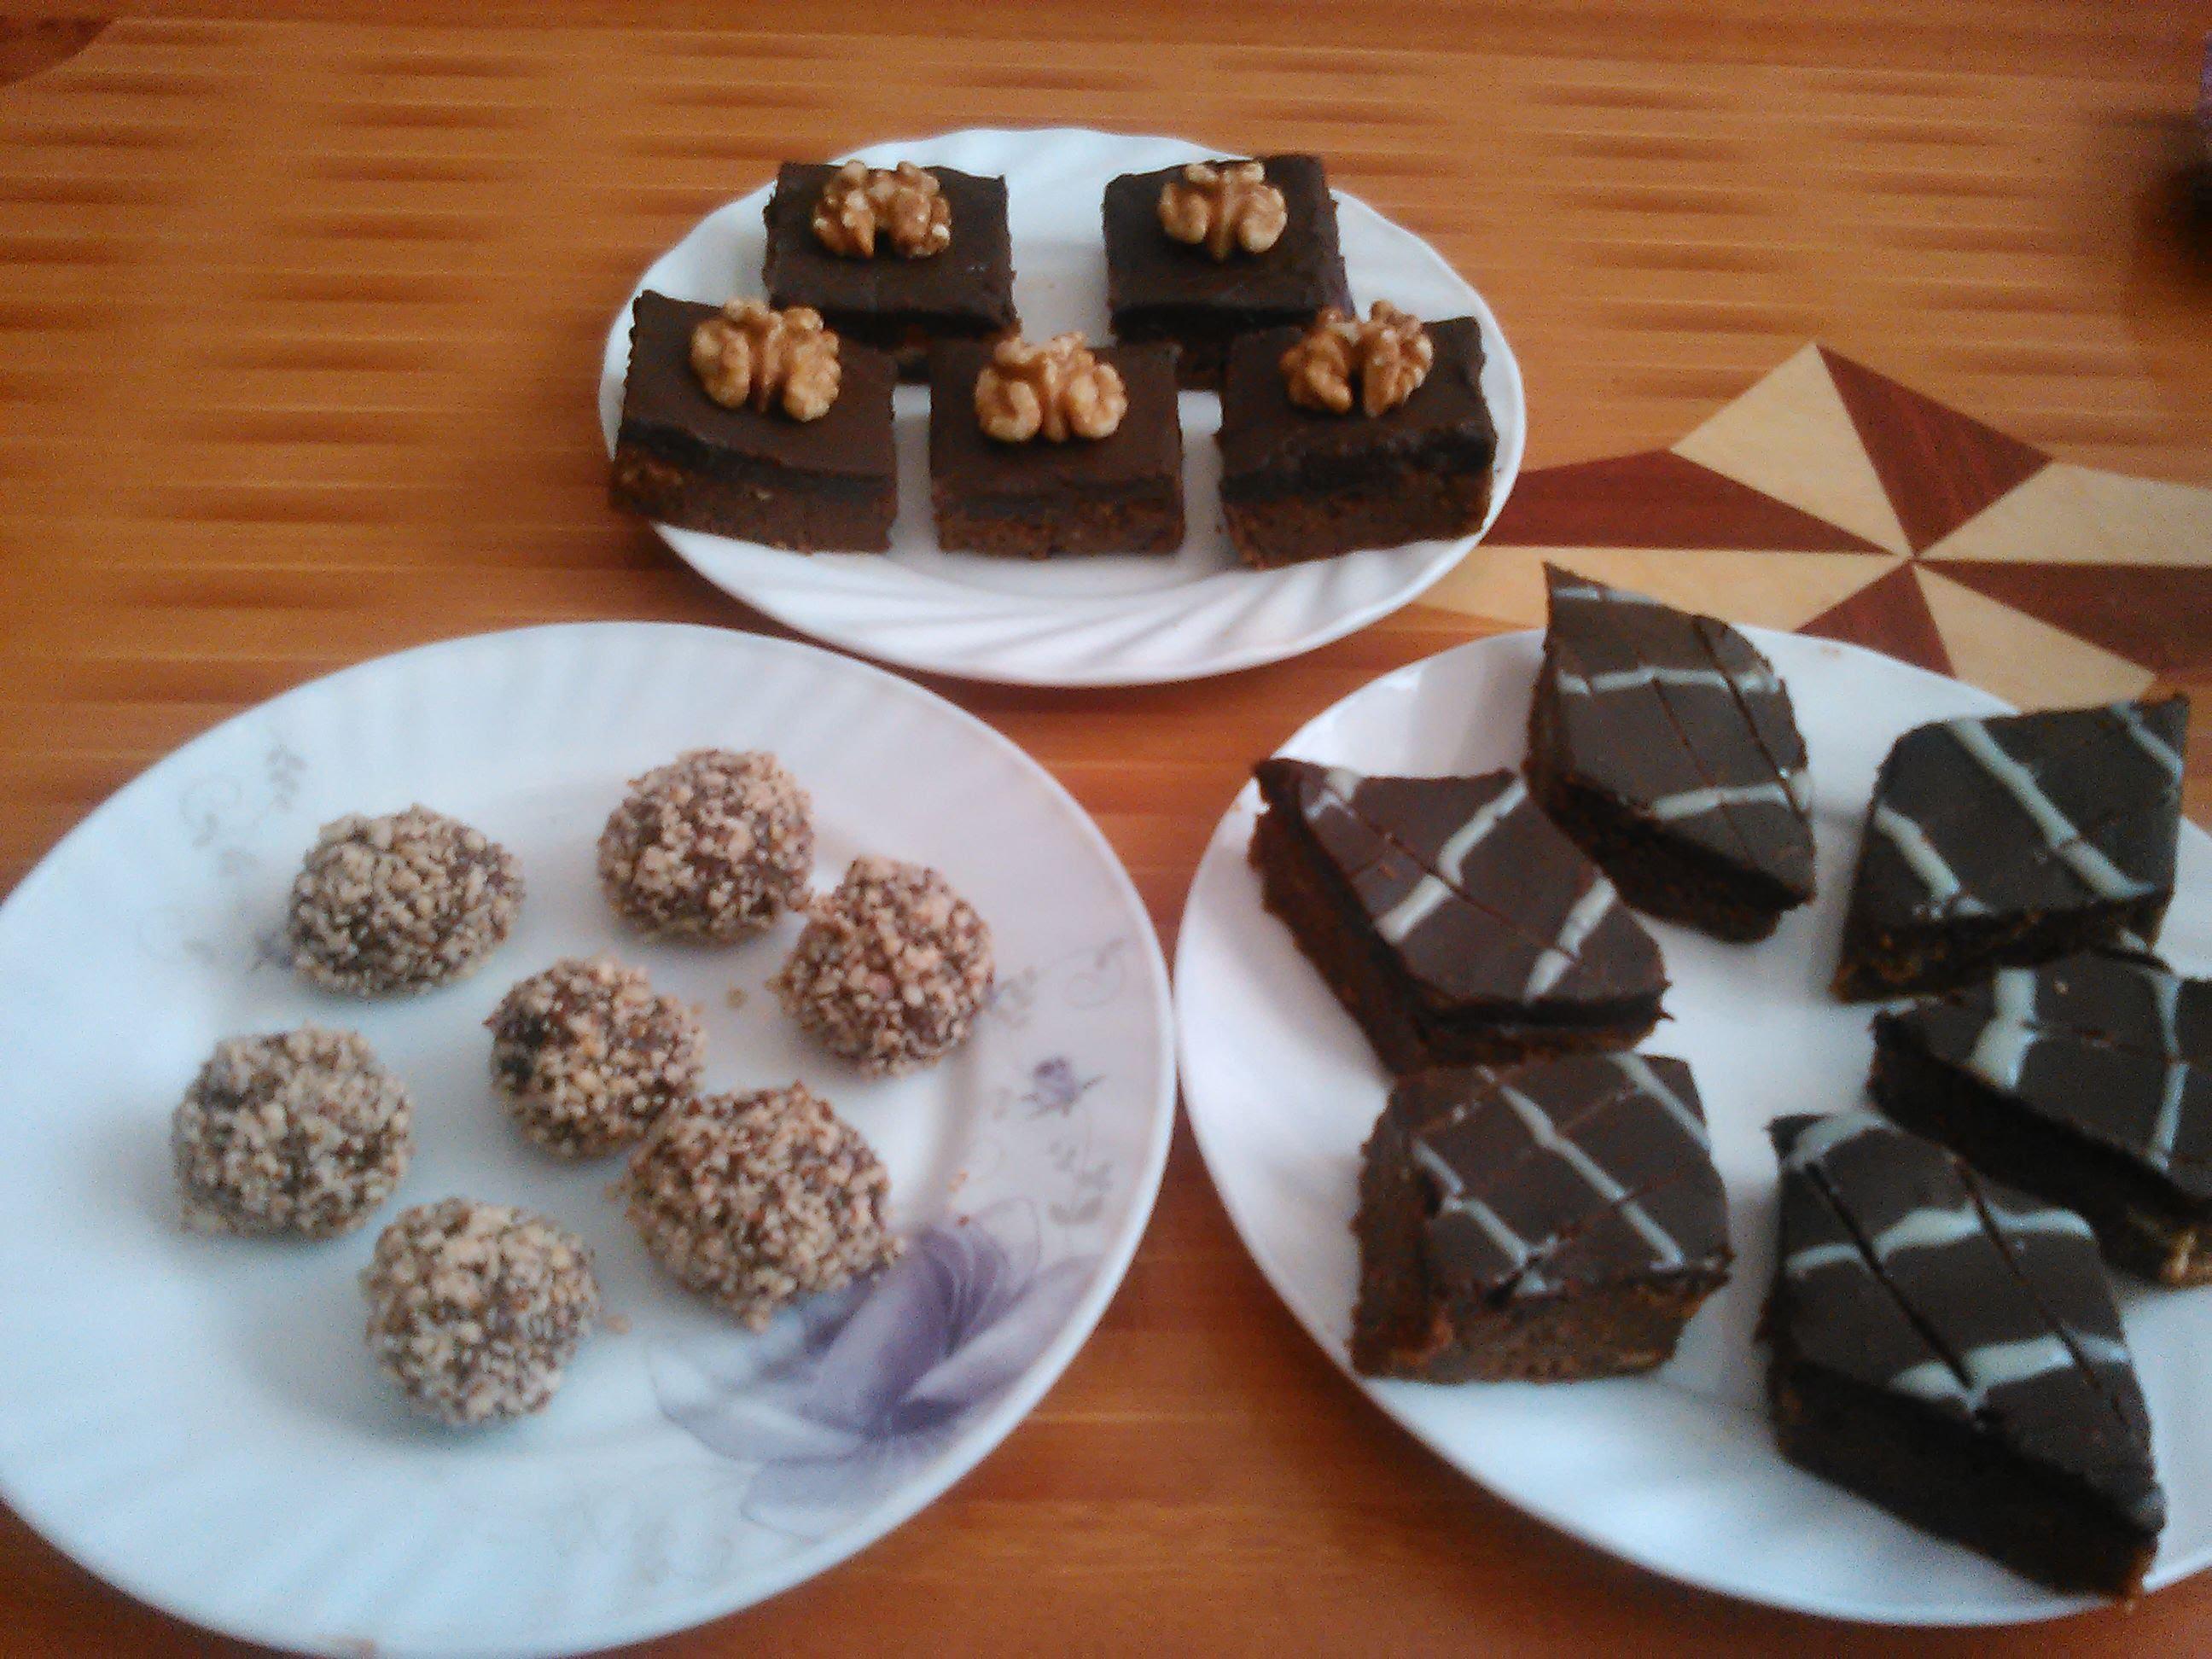 بالصور حلويات سهلة واقتصادية بدون فرن , اسهل حلويات بدون فرن 5418 2